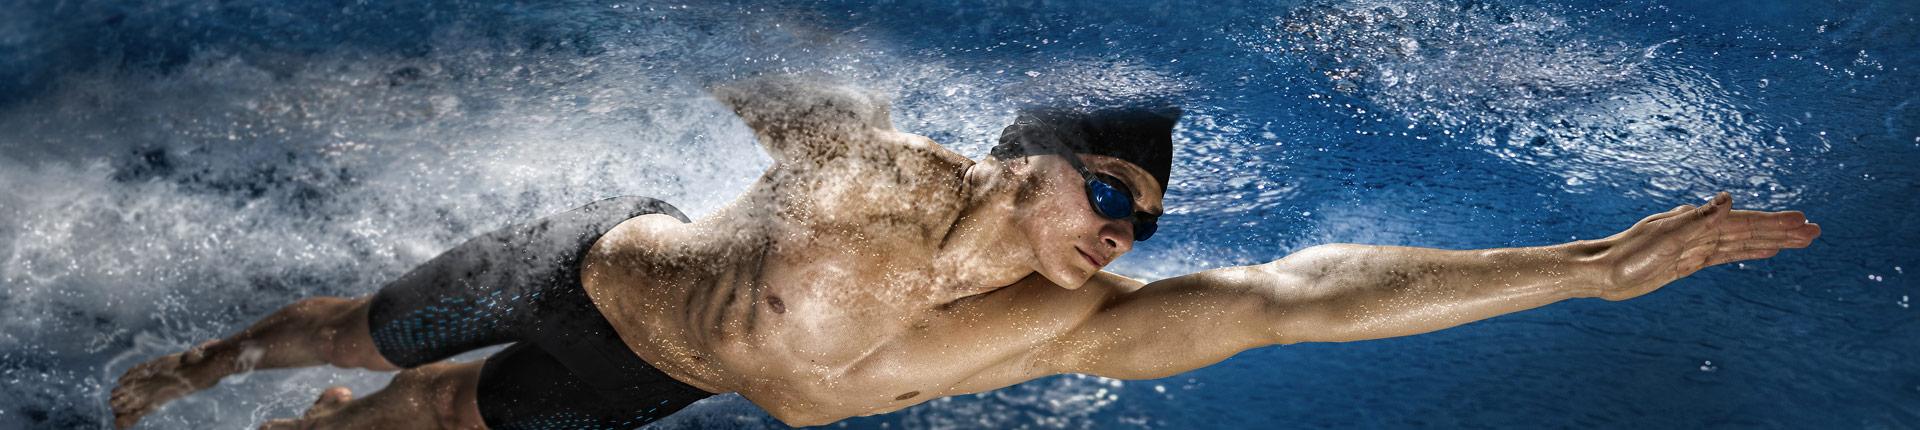 Jak pływanie wpływa na wagę i zdrowie